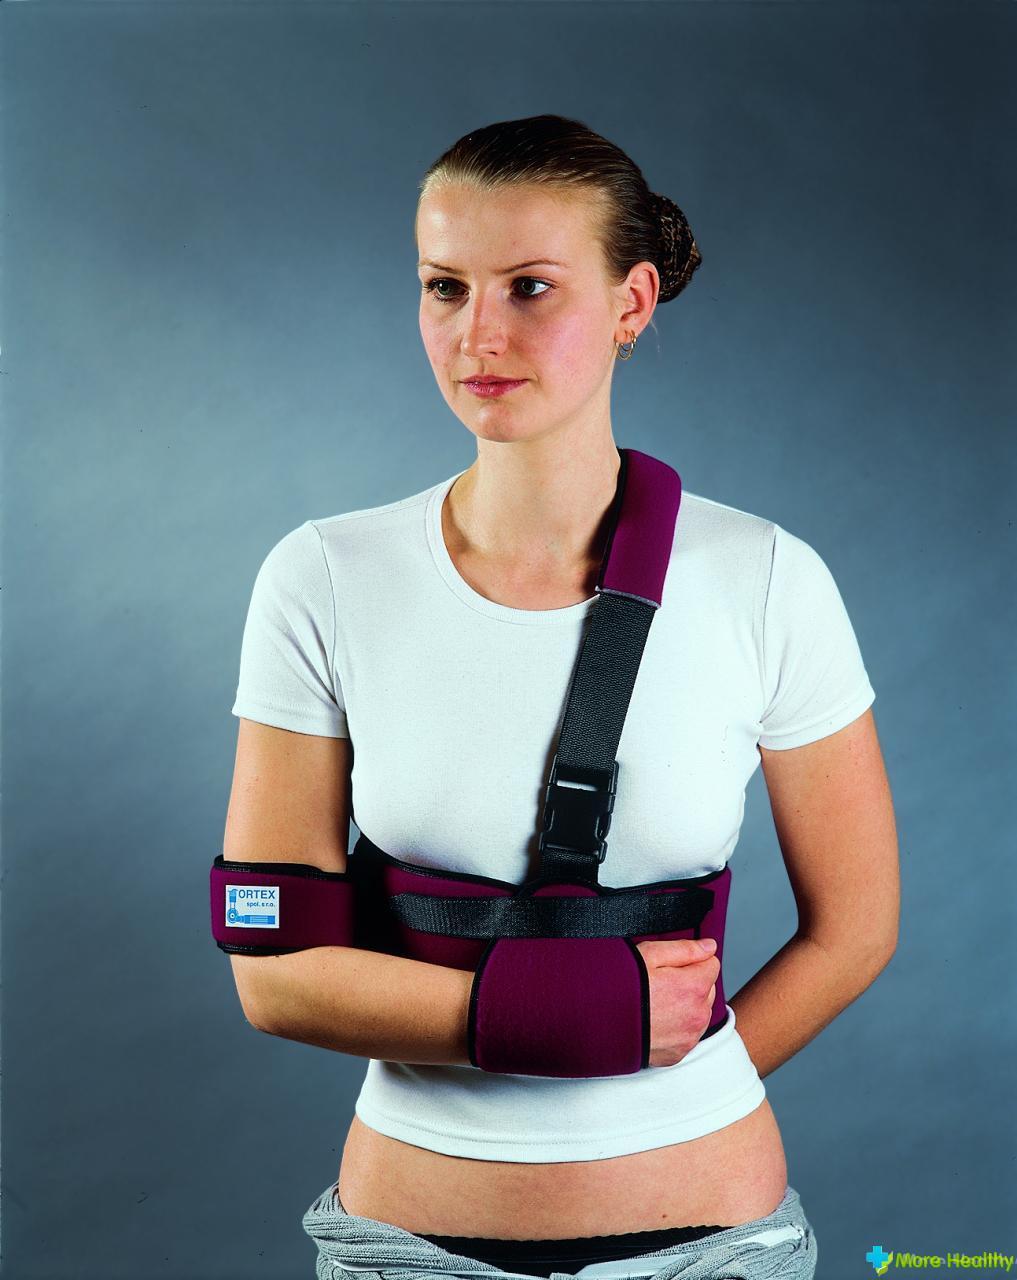 Ушиб плеча - как снять боль Симптомы и лечение